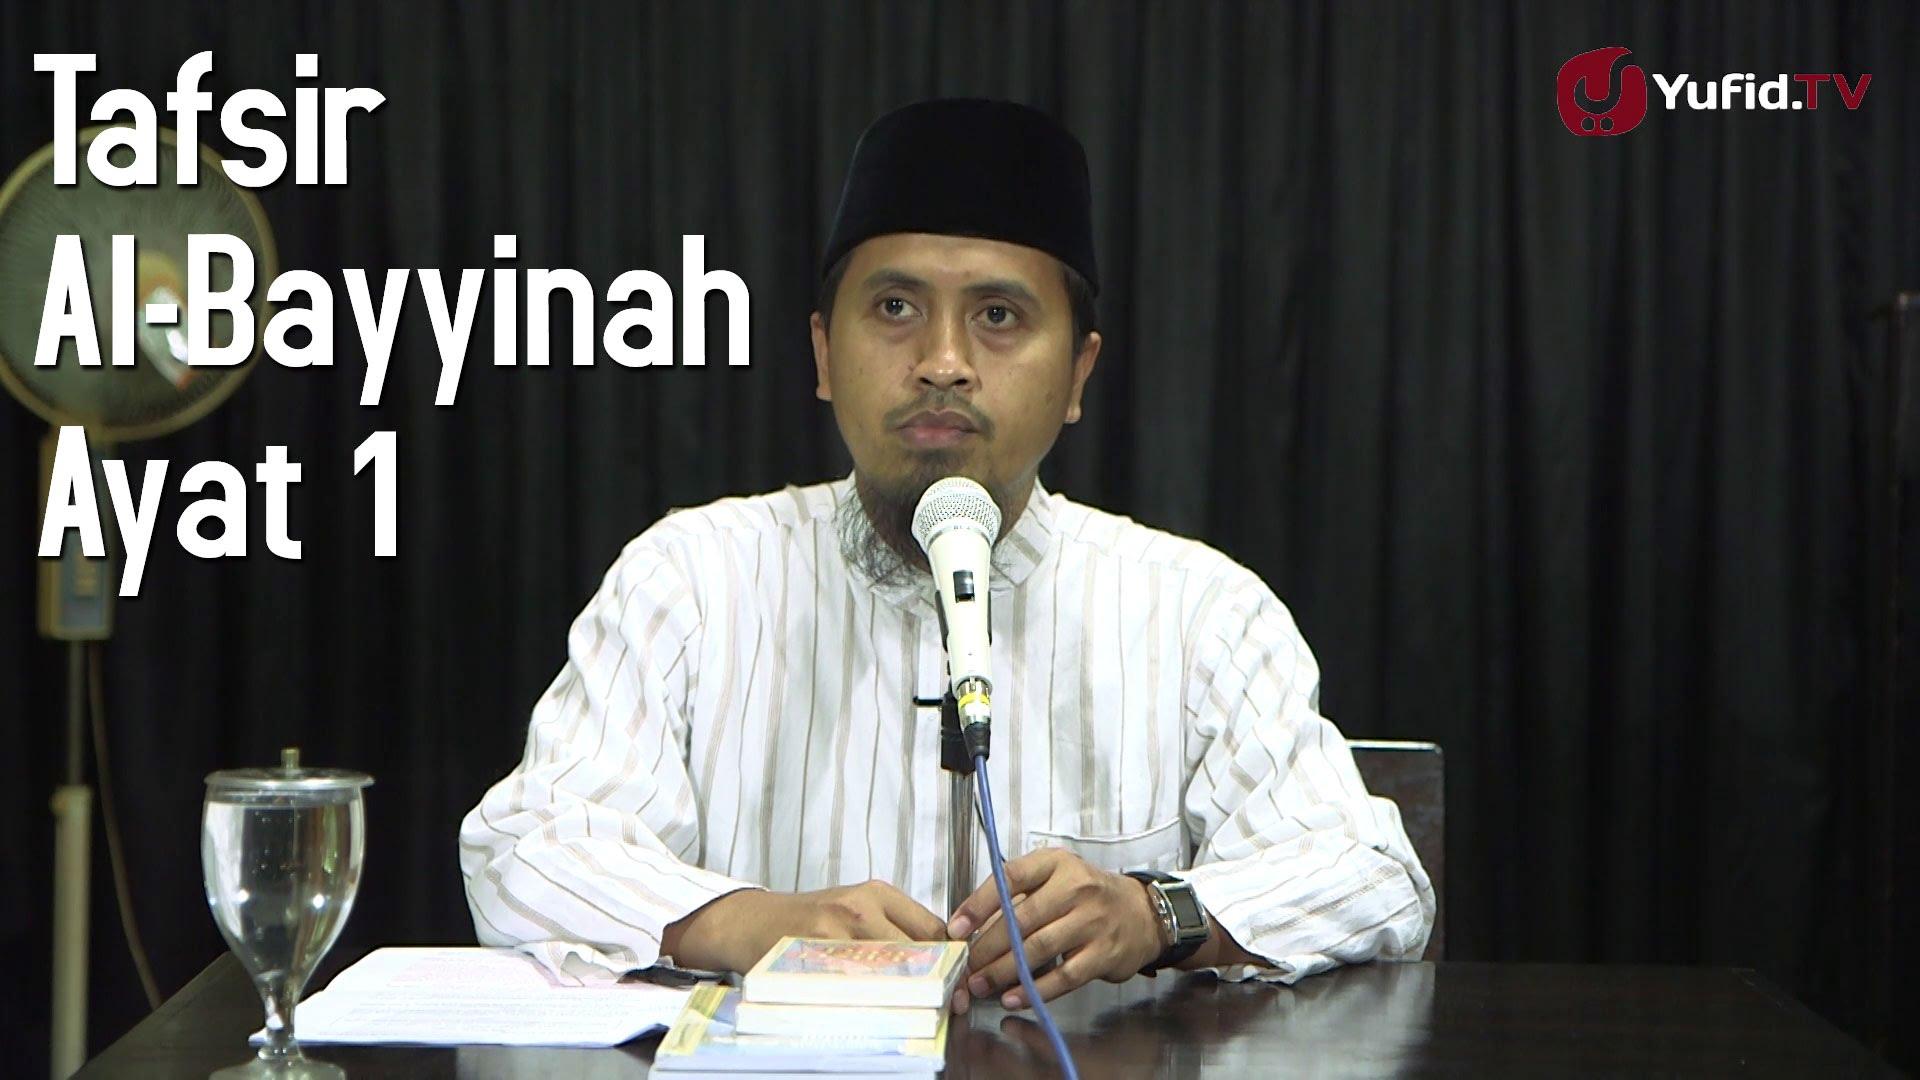 Kajian Tafsir Al Quran: Tafsir Surat Al Bayyinah Ayat 1 ...